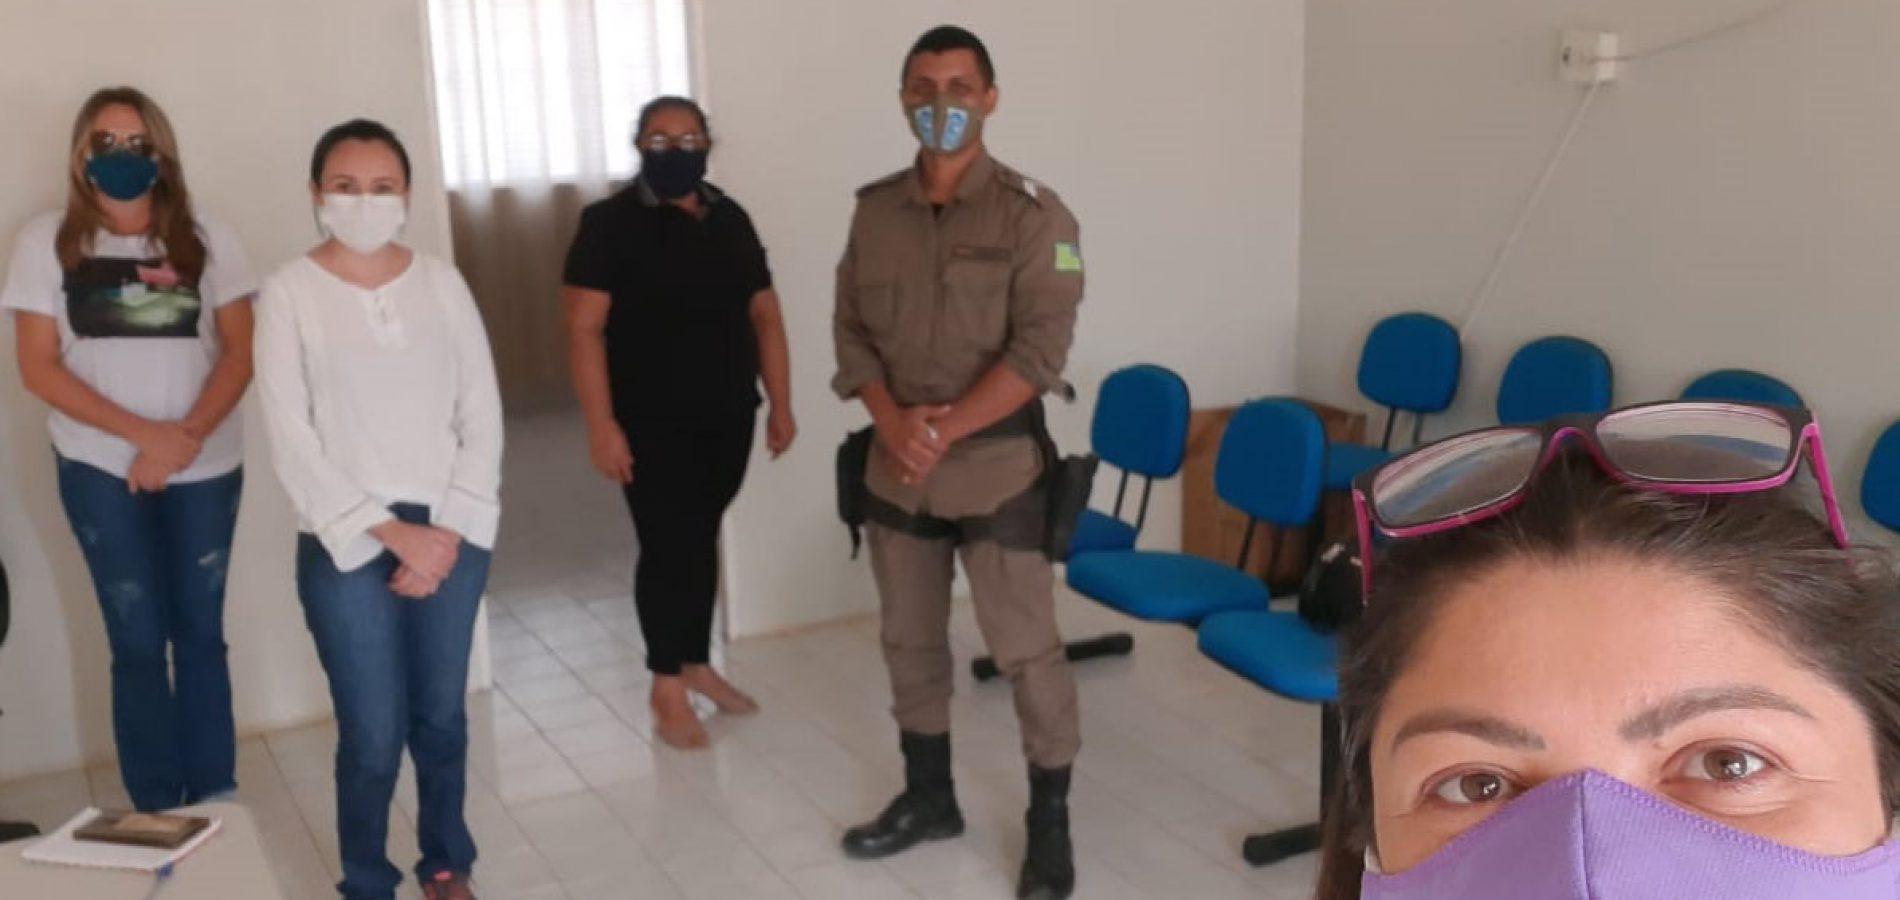 Vigilância Sanitária de Alagoinha do Piauí vai atuar 24 horas no combate ao coronavírus